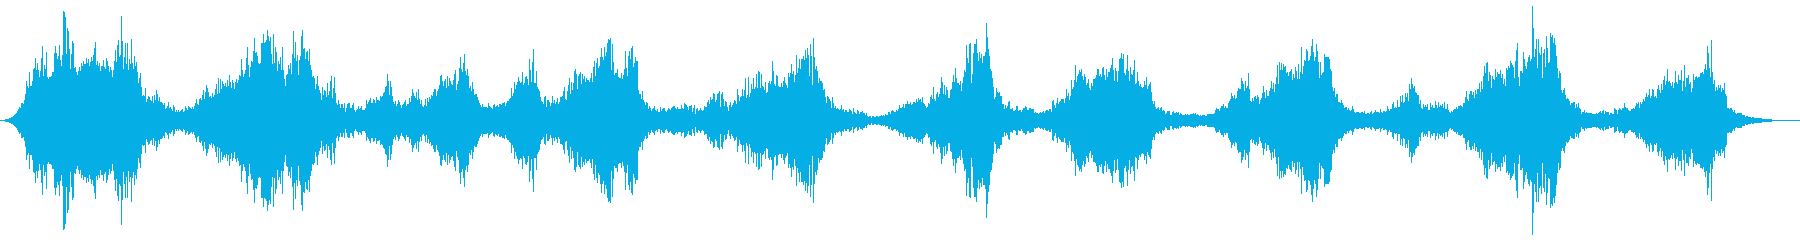 後方への会話は、エアリーエフェクト...の再生済みの波形